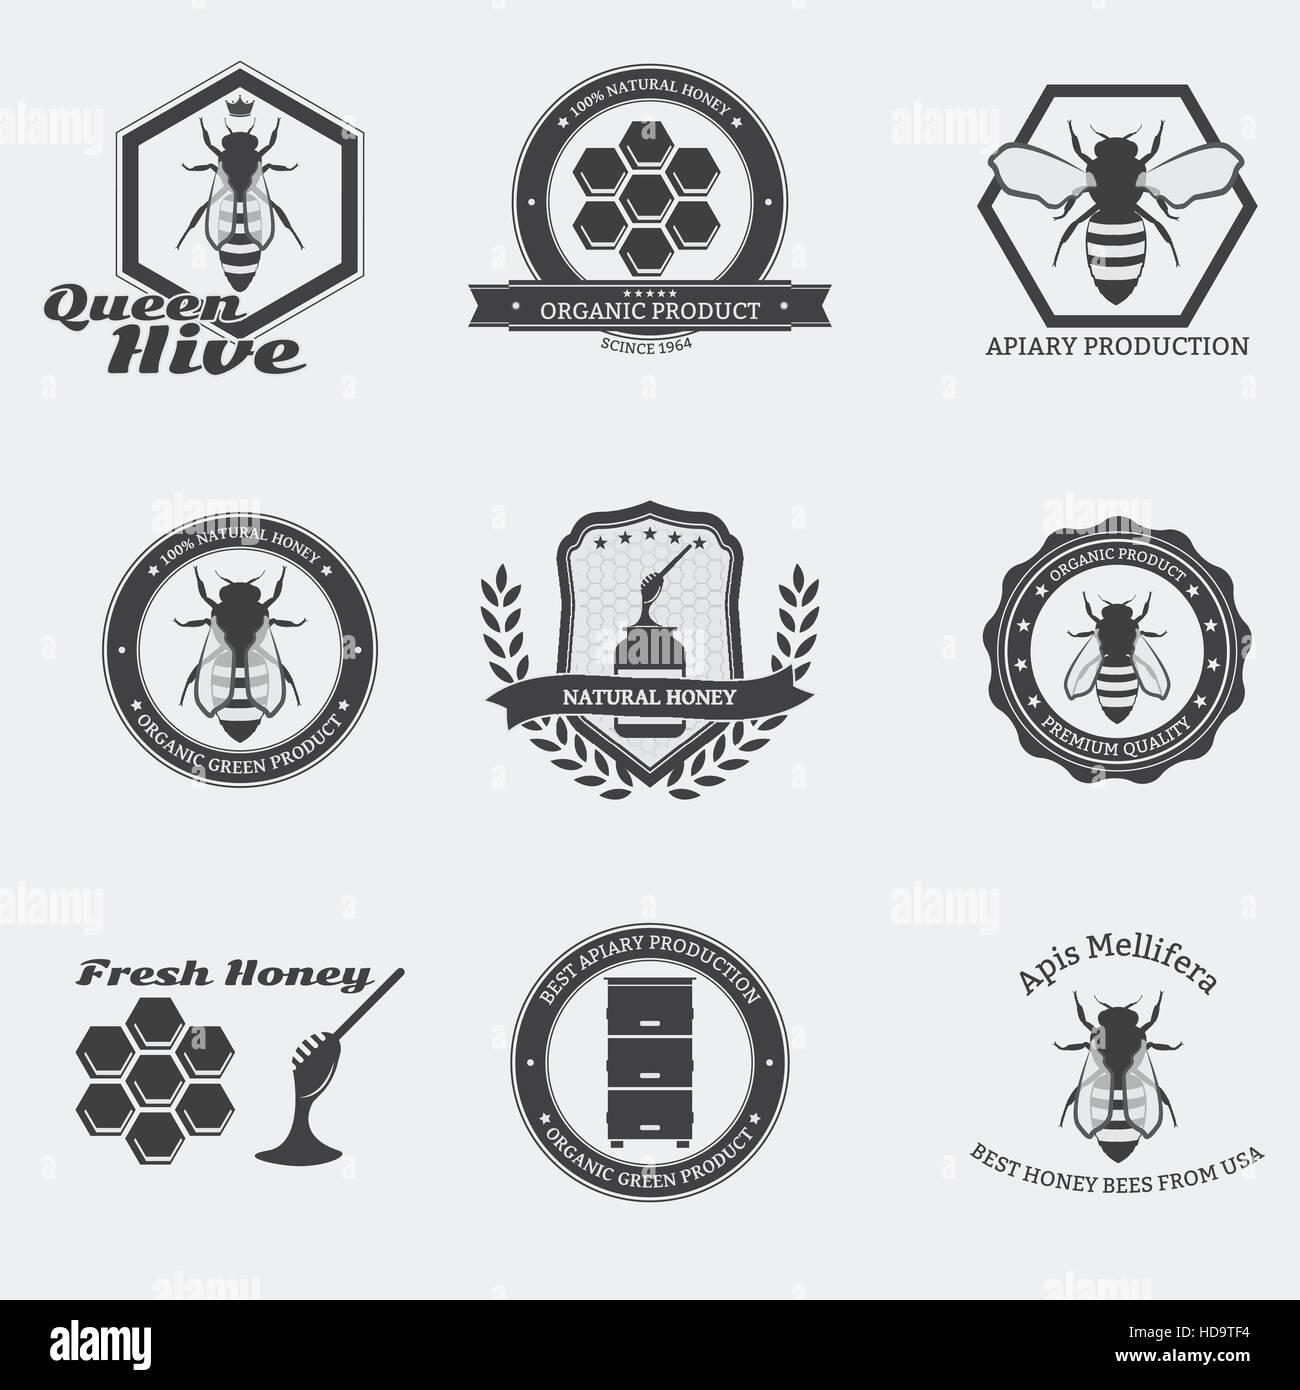 Retro negro con emblemas de abejas obreras y la reina en círculo. Imagen De  Stock adebb3a3b26f3